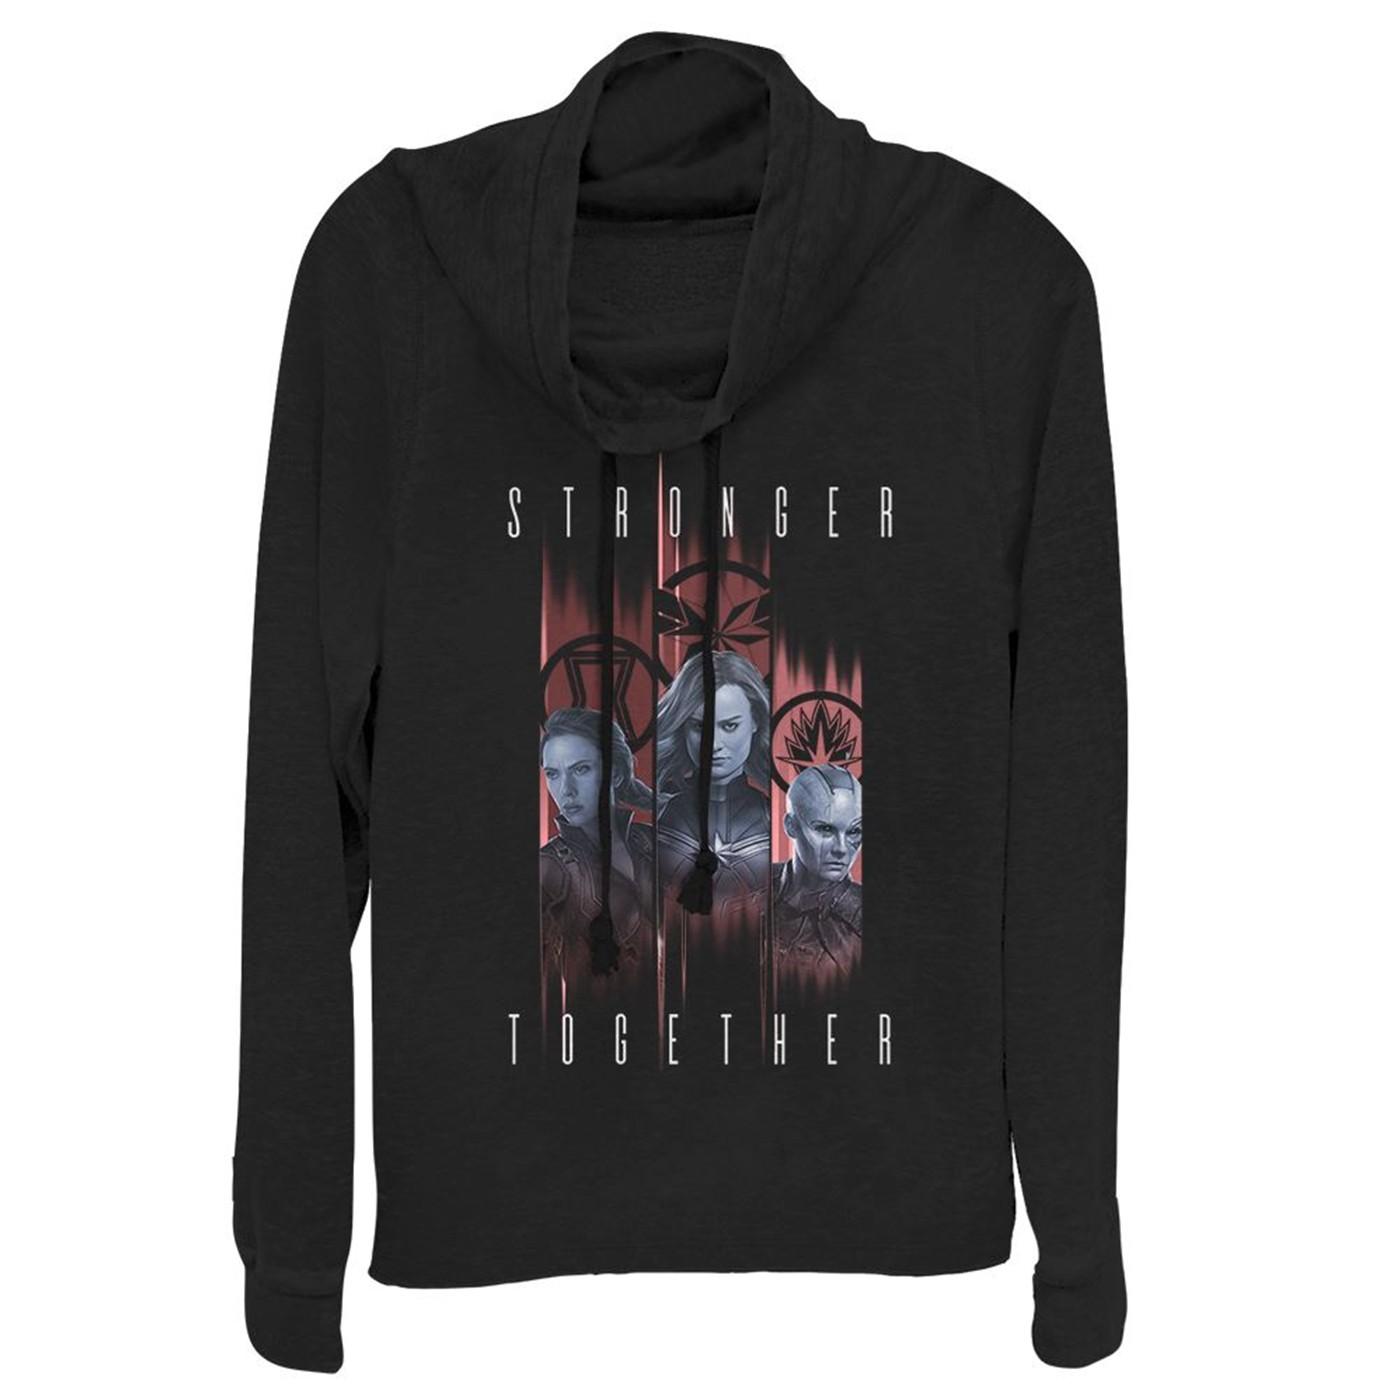 Avengers Endgame Stronger Trio Women's Cowl Neck Sweater